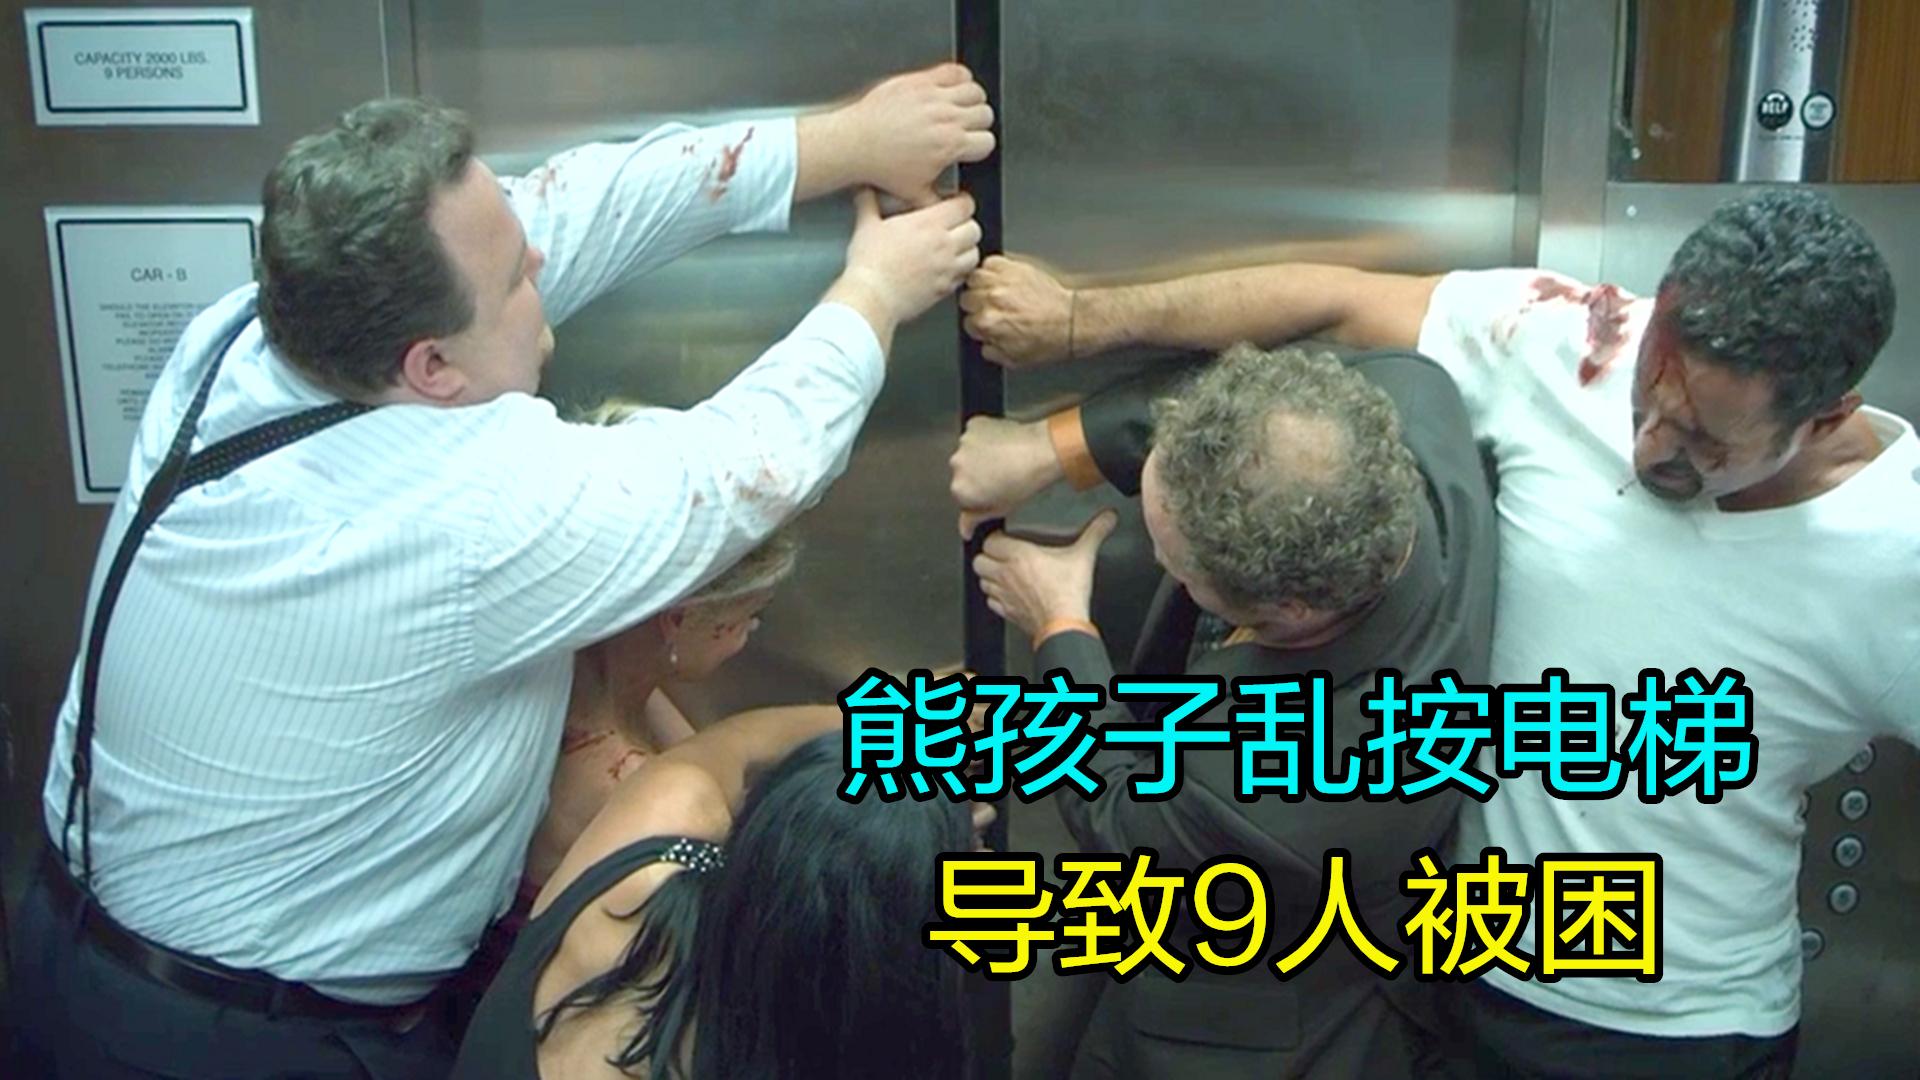 密室逃生片:熊孩子乱按电梯,导致9人被困,差点闯了大祸!